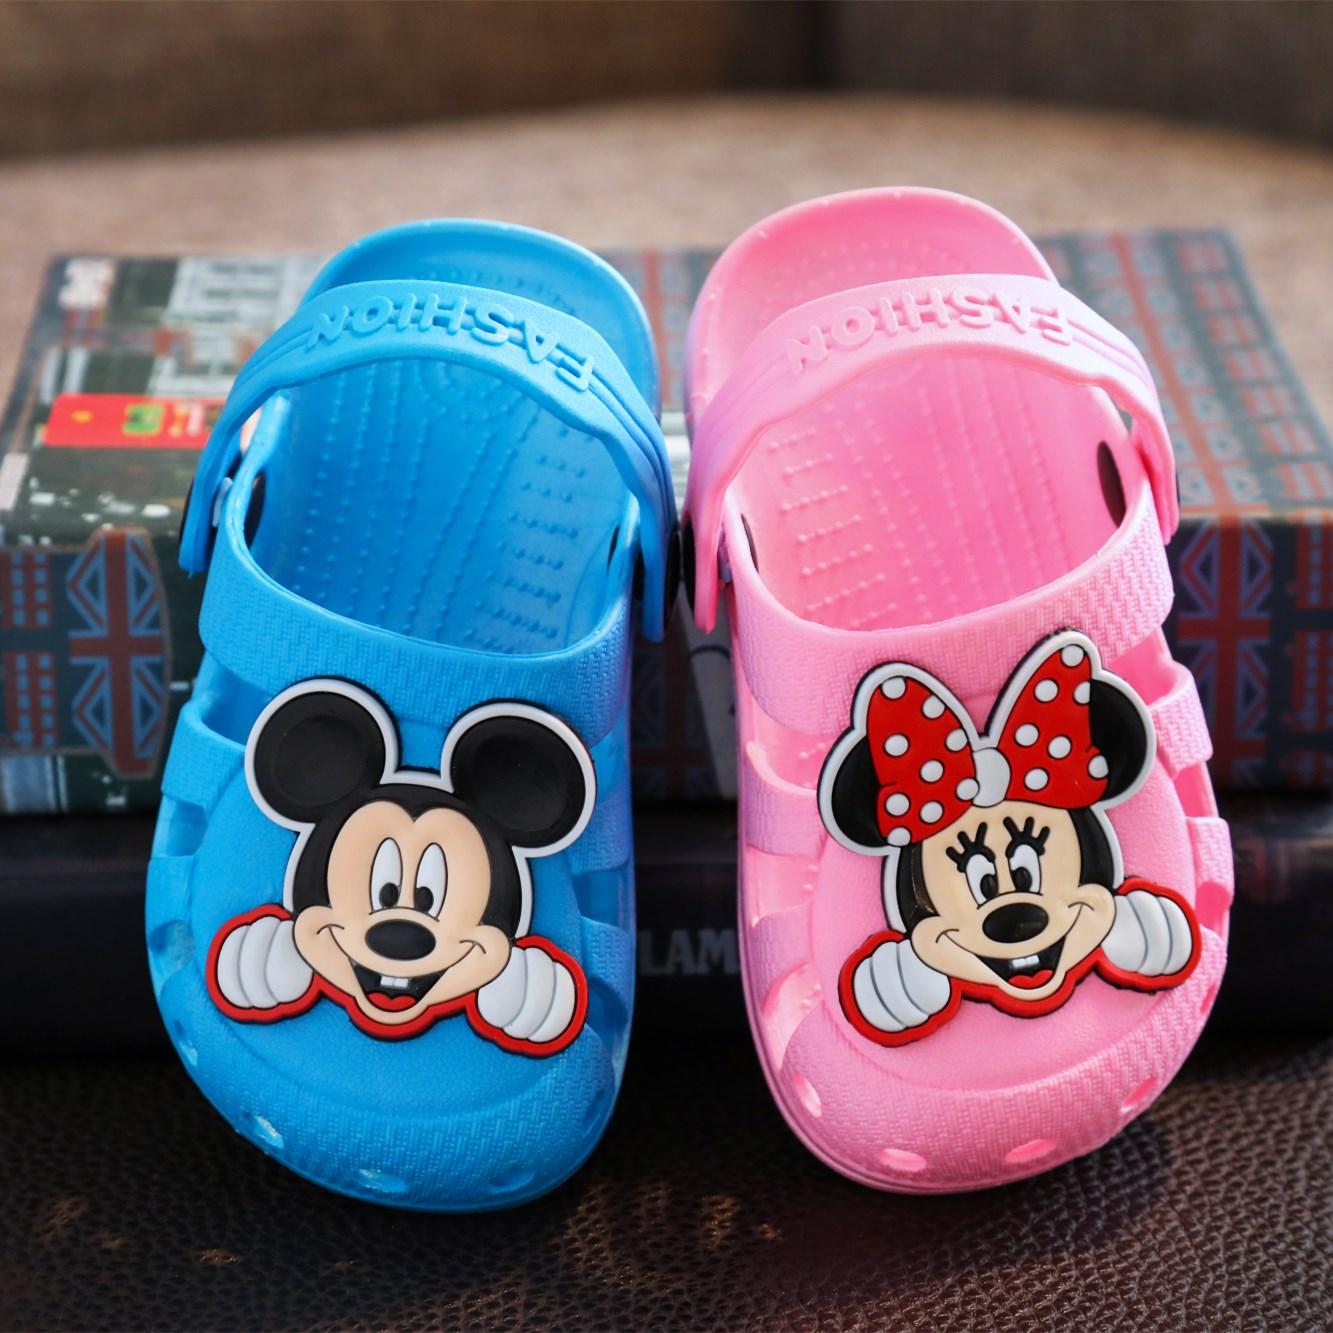 儿童凉拖鞋宝宝防滑软底洞洞鞋男女童沙滩塑胶鞋